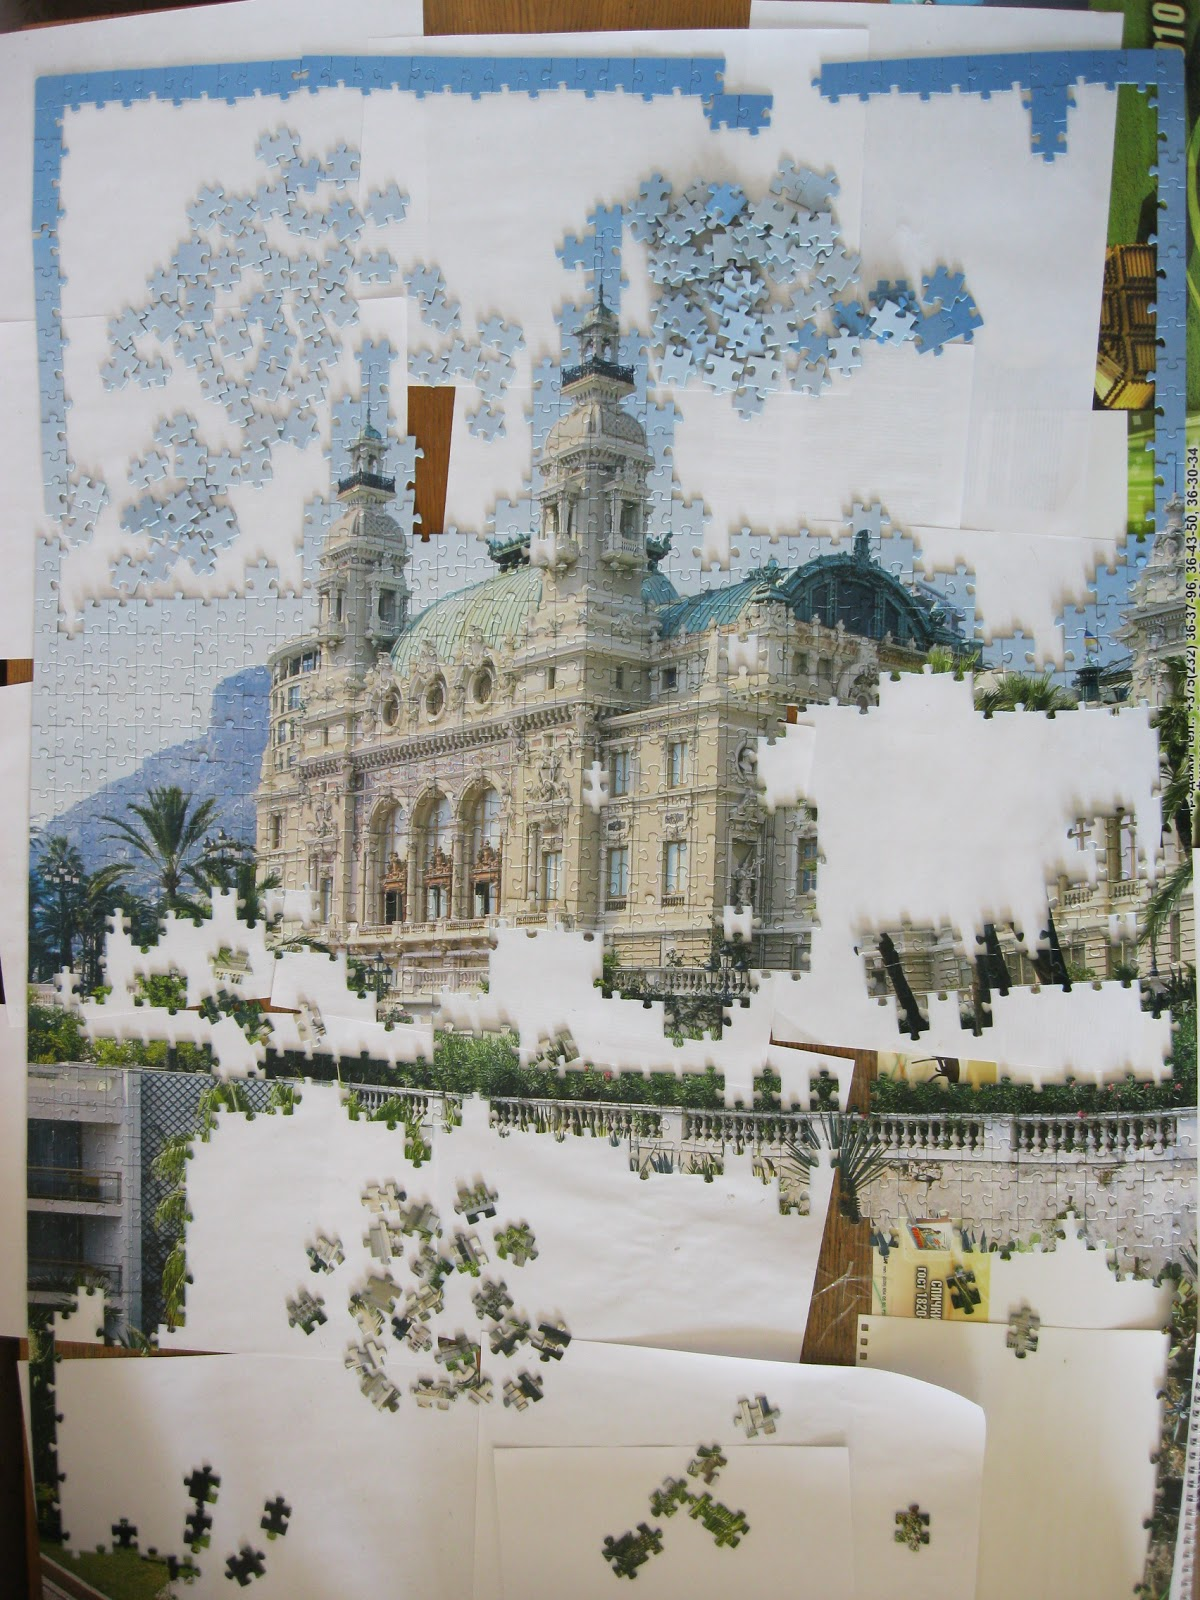 Как сделать картину из пазлов в рамку - популярные записи - 7я.ру 27